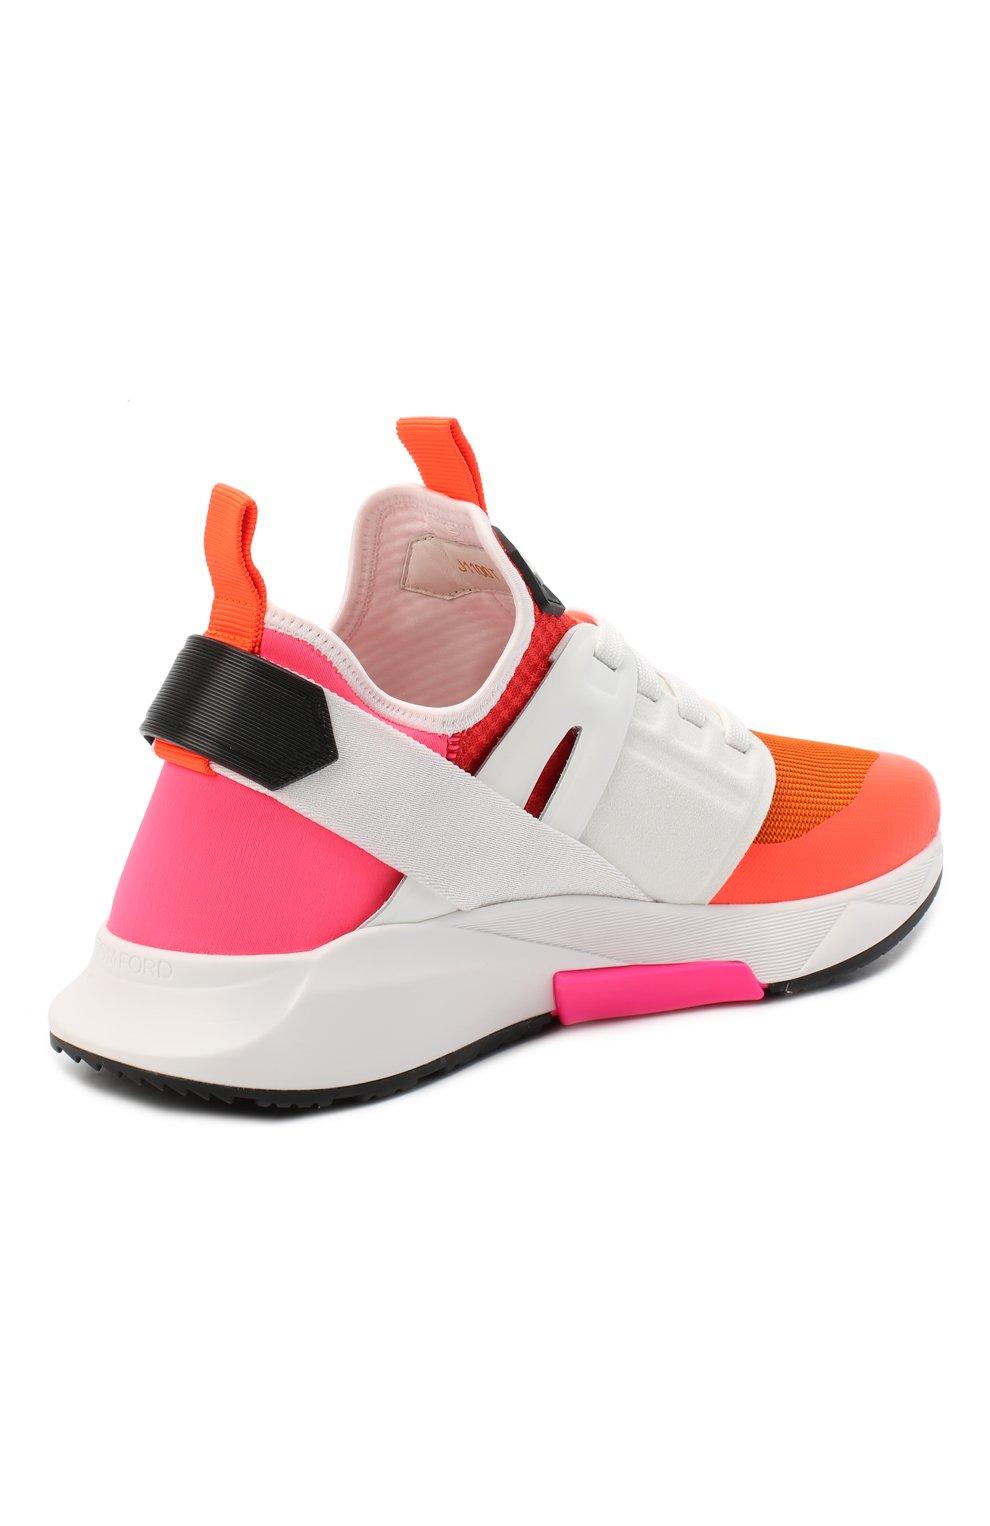 Мужские комбинированные кроссовки TOM FORD оранжевого цвета, арт. J1100T-T0F001 | Фото 4